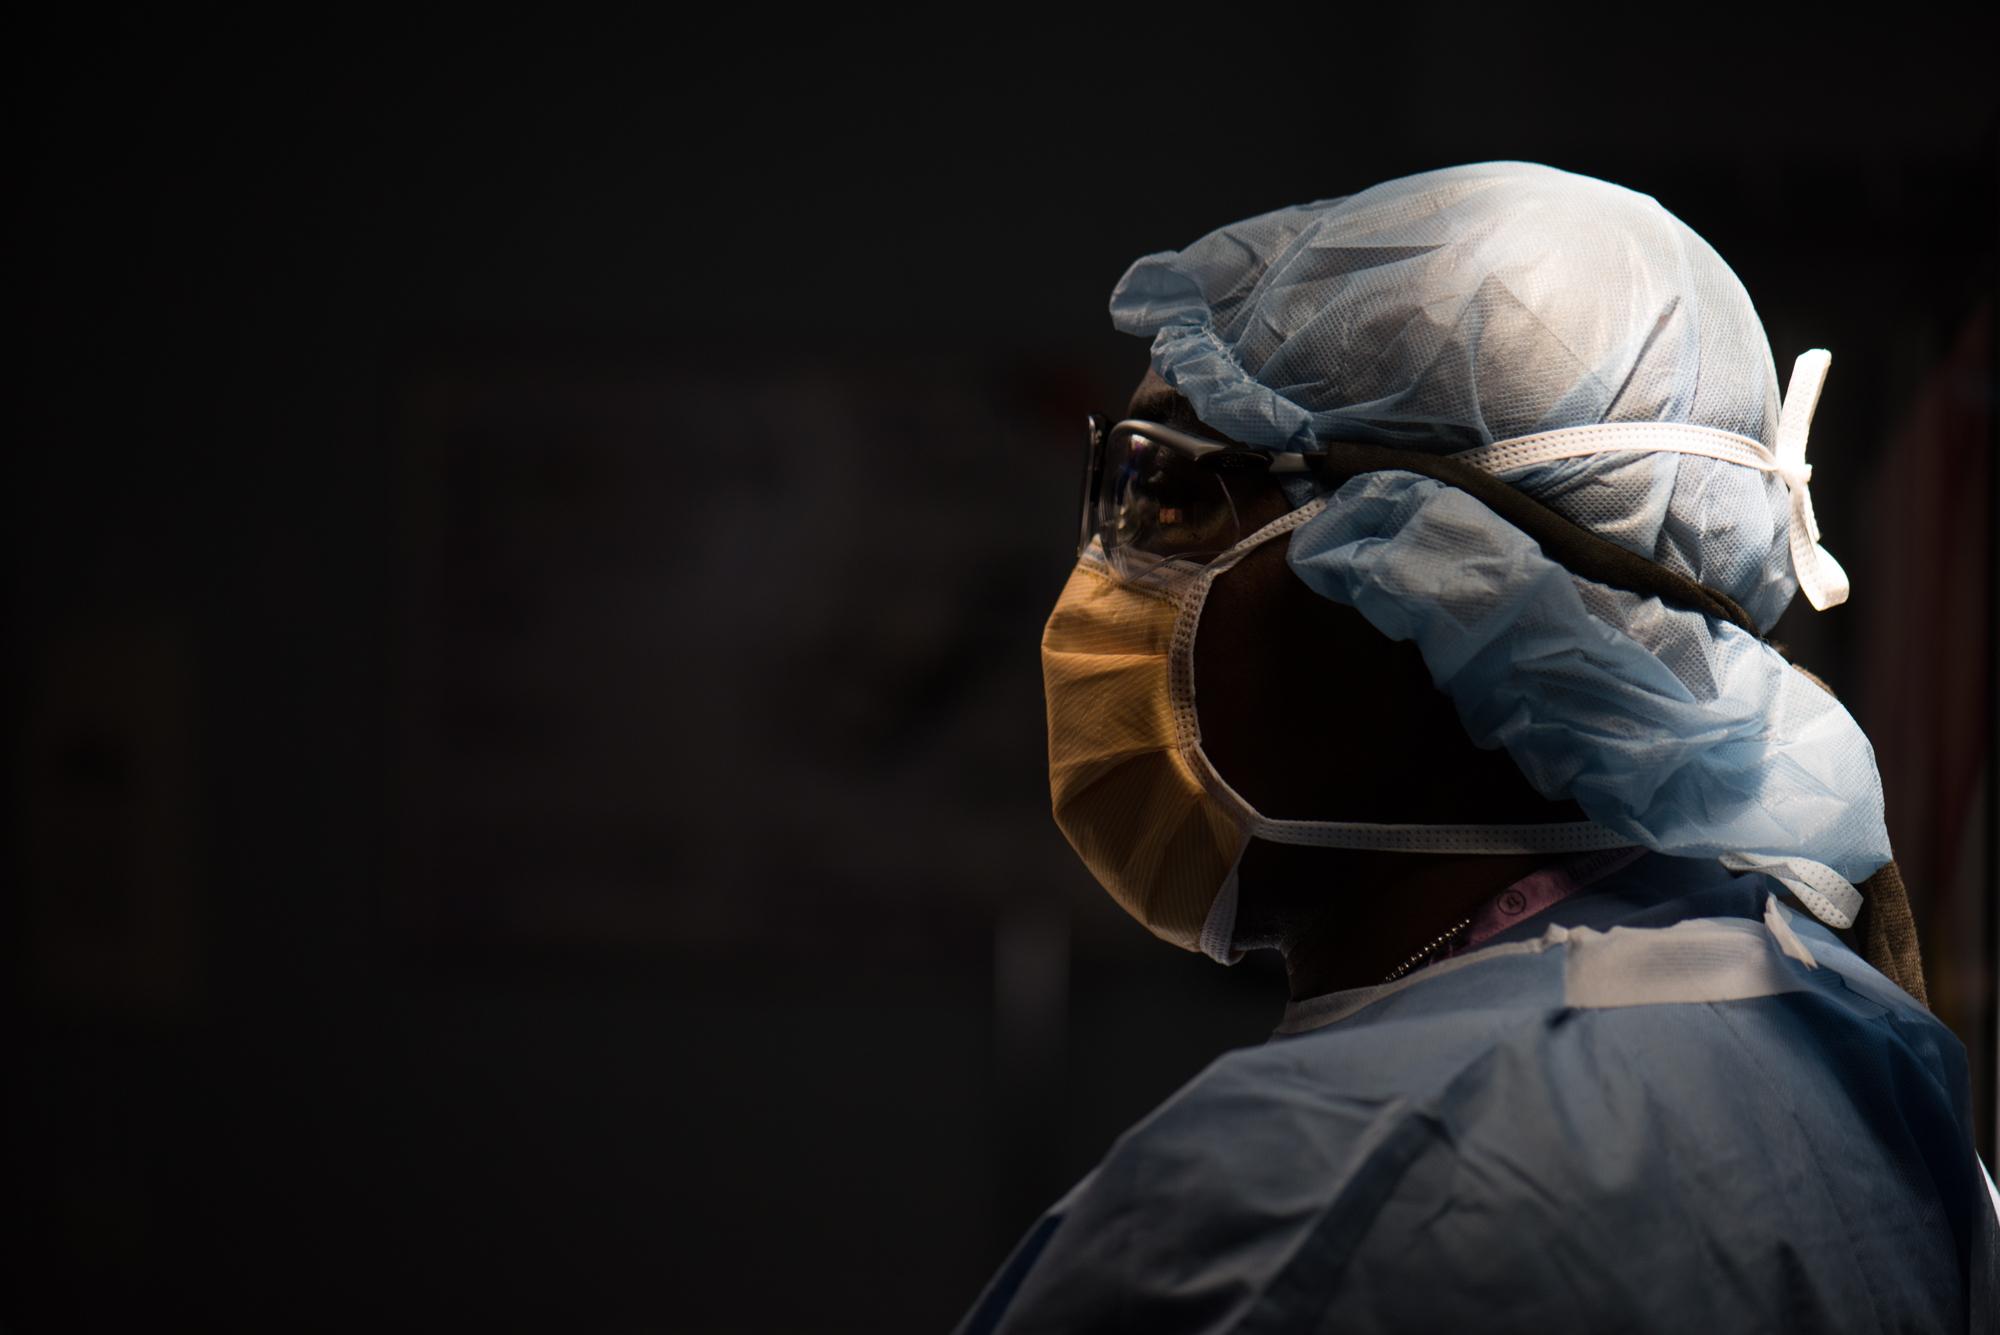 3D_Brain_Surgery_09.jpg